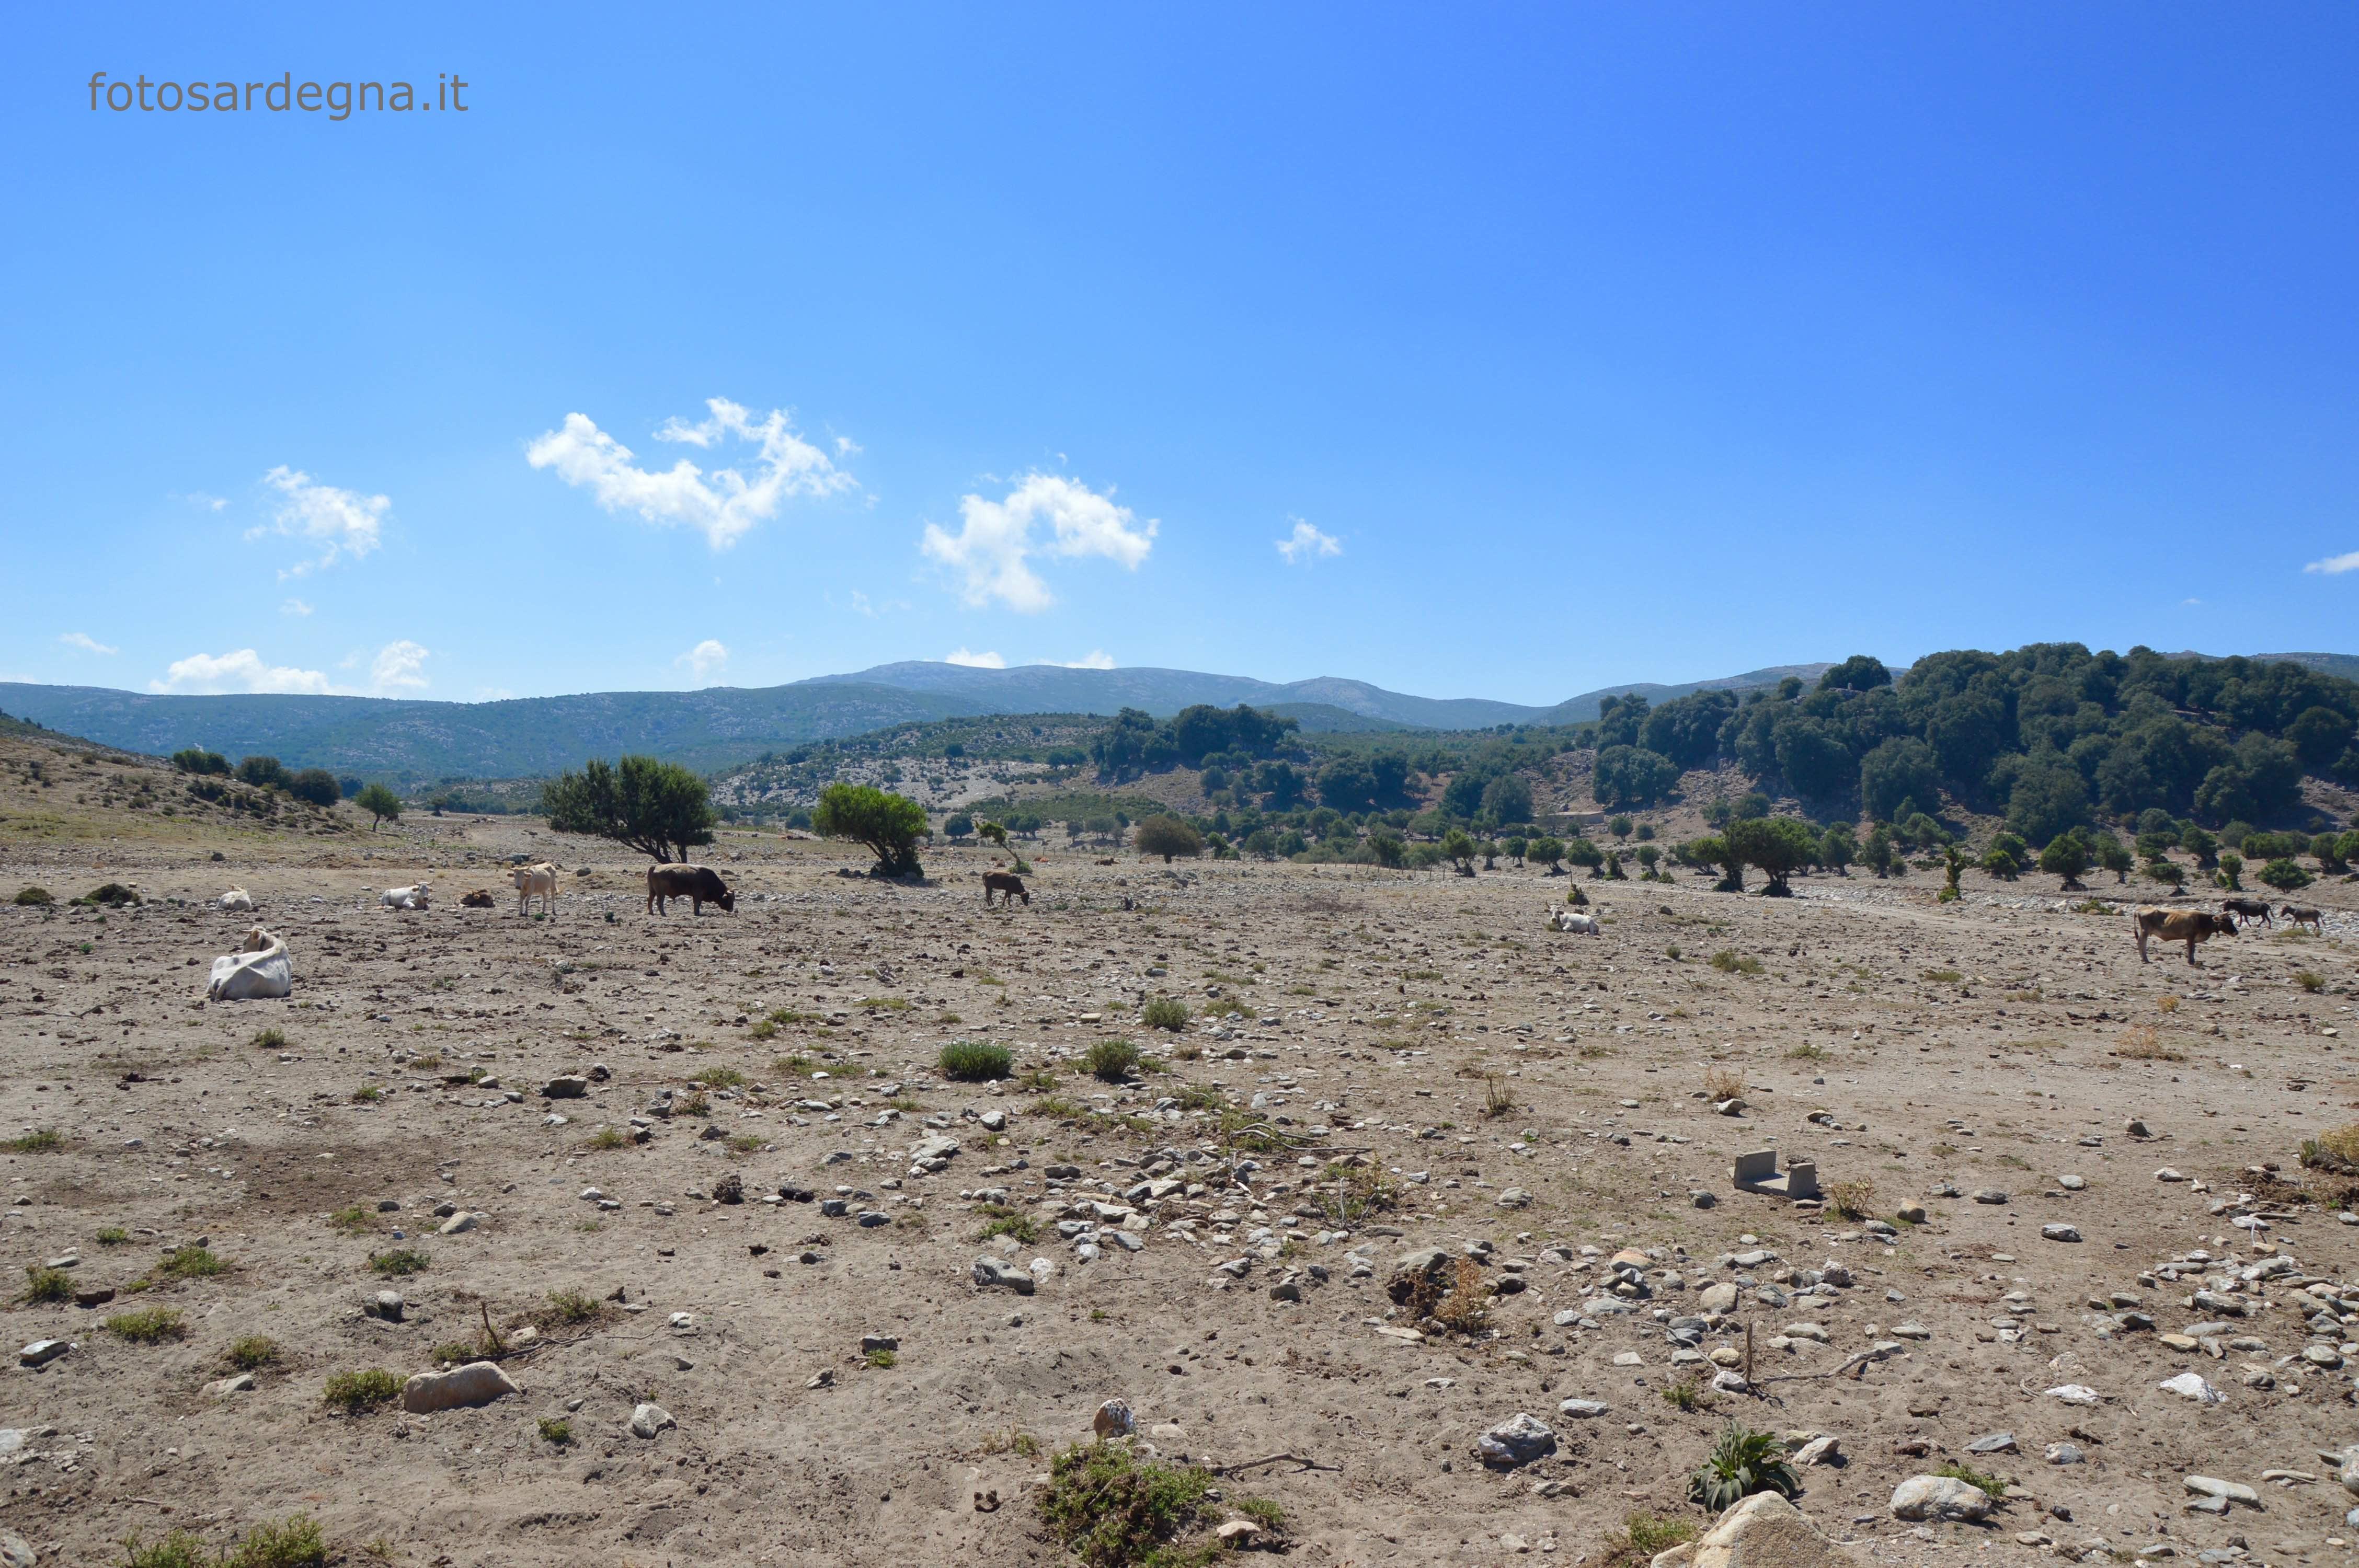 Vista verso il Monte Genziana